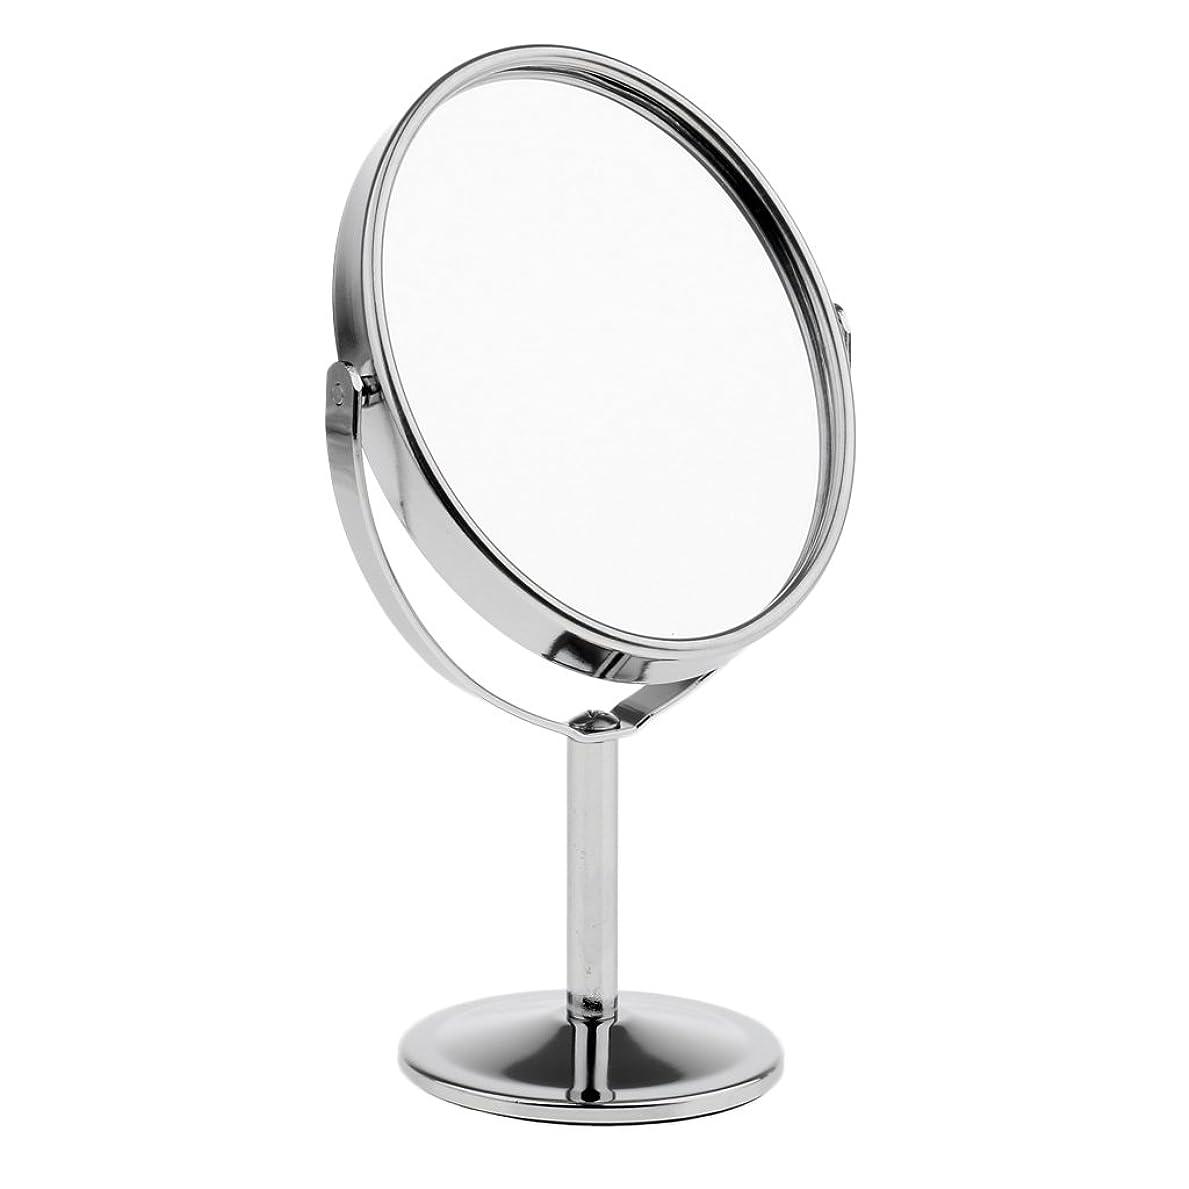 断線入手します掘るFutuHome ミニレディーガール美容メイクアップ卓上ミラー化粧品デュアルサイドノーマル+拡大鏡スタンドミラー6インチ高さ - 銀